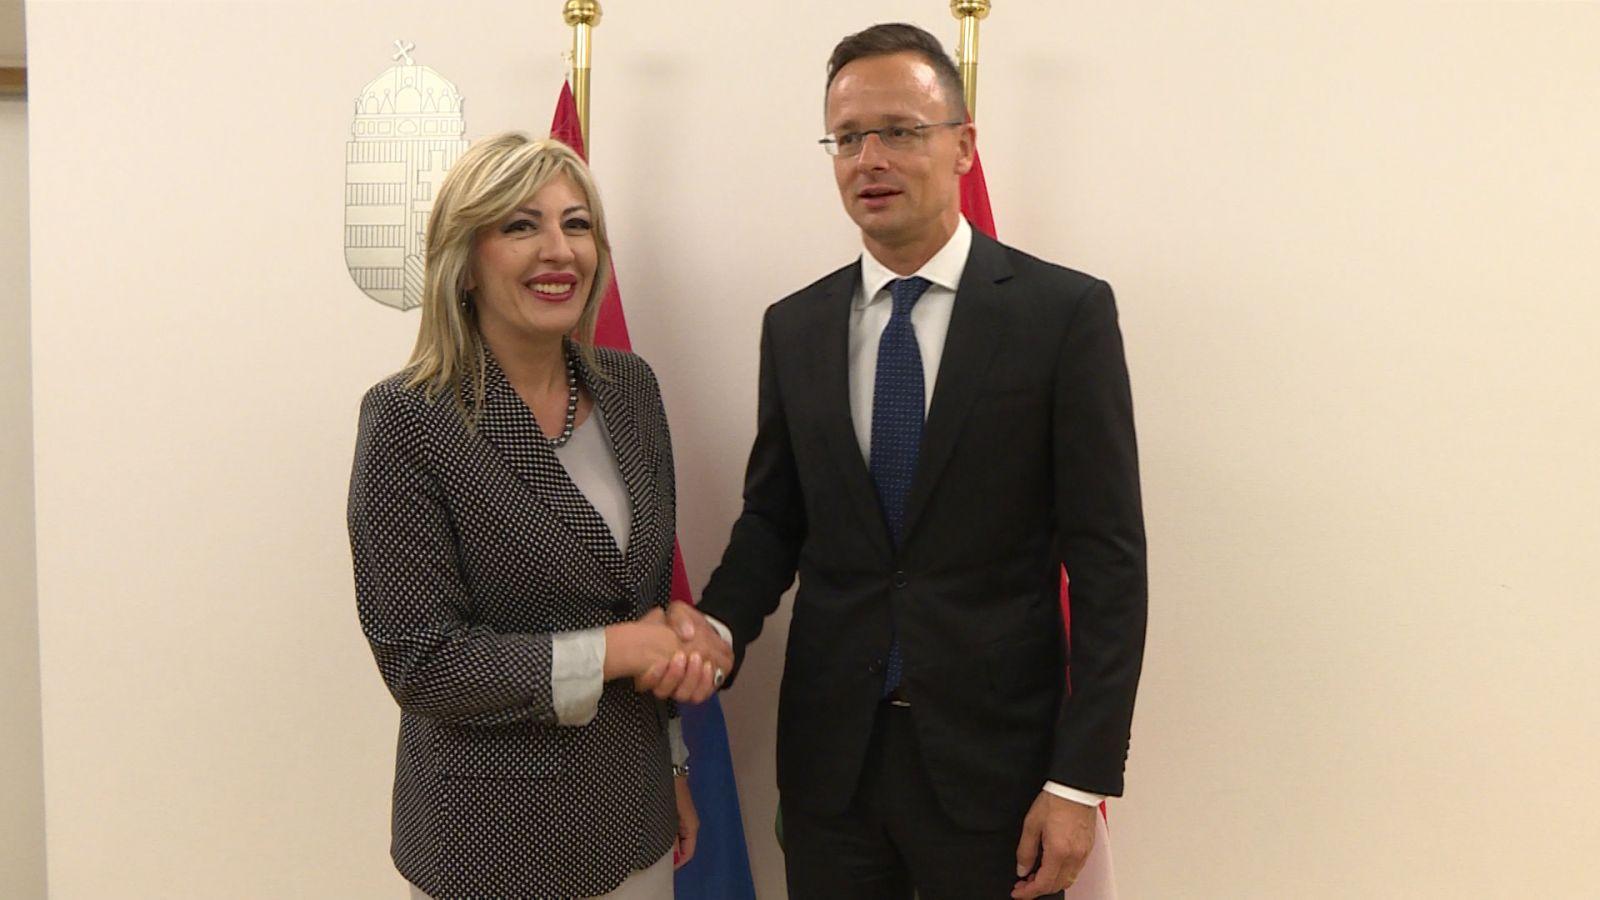 Снажна подршка Мађарске процесу европских интеграција Србије